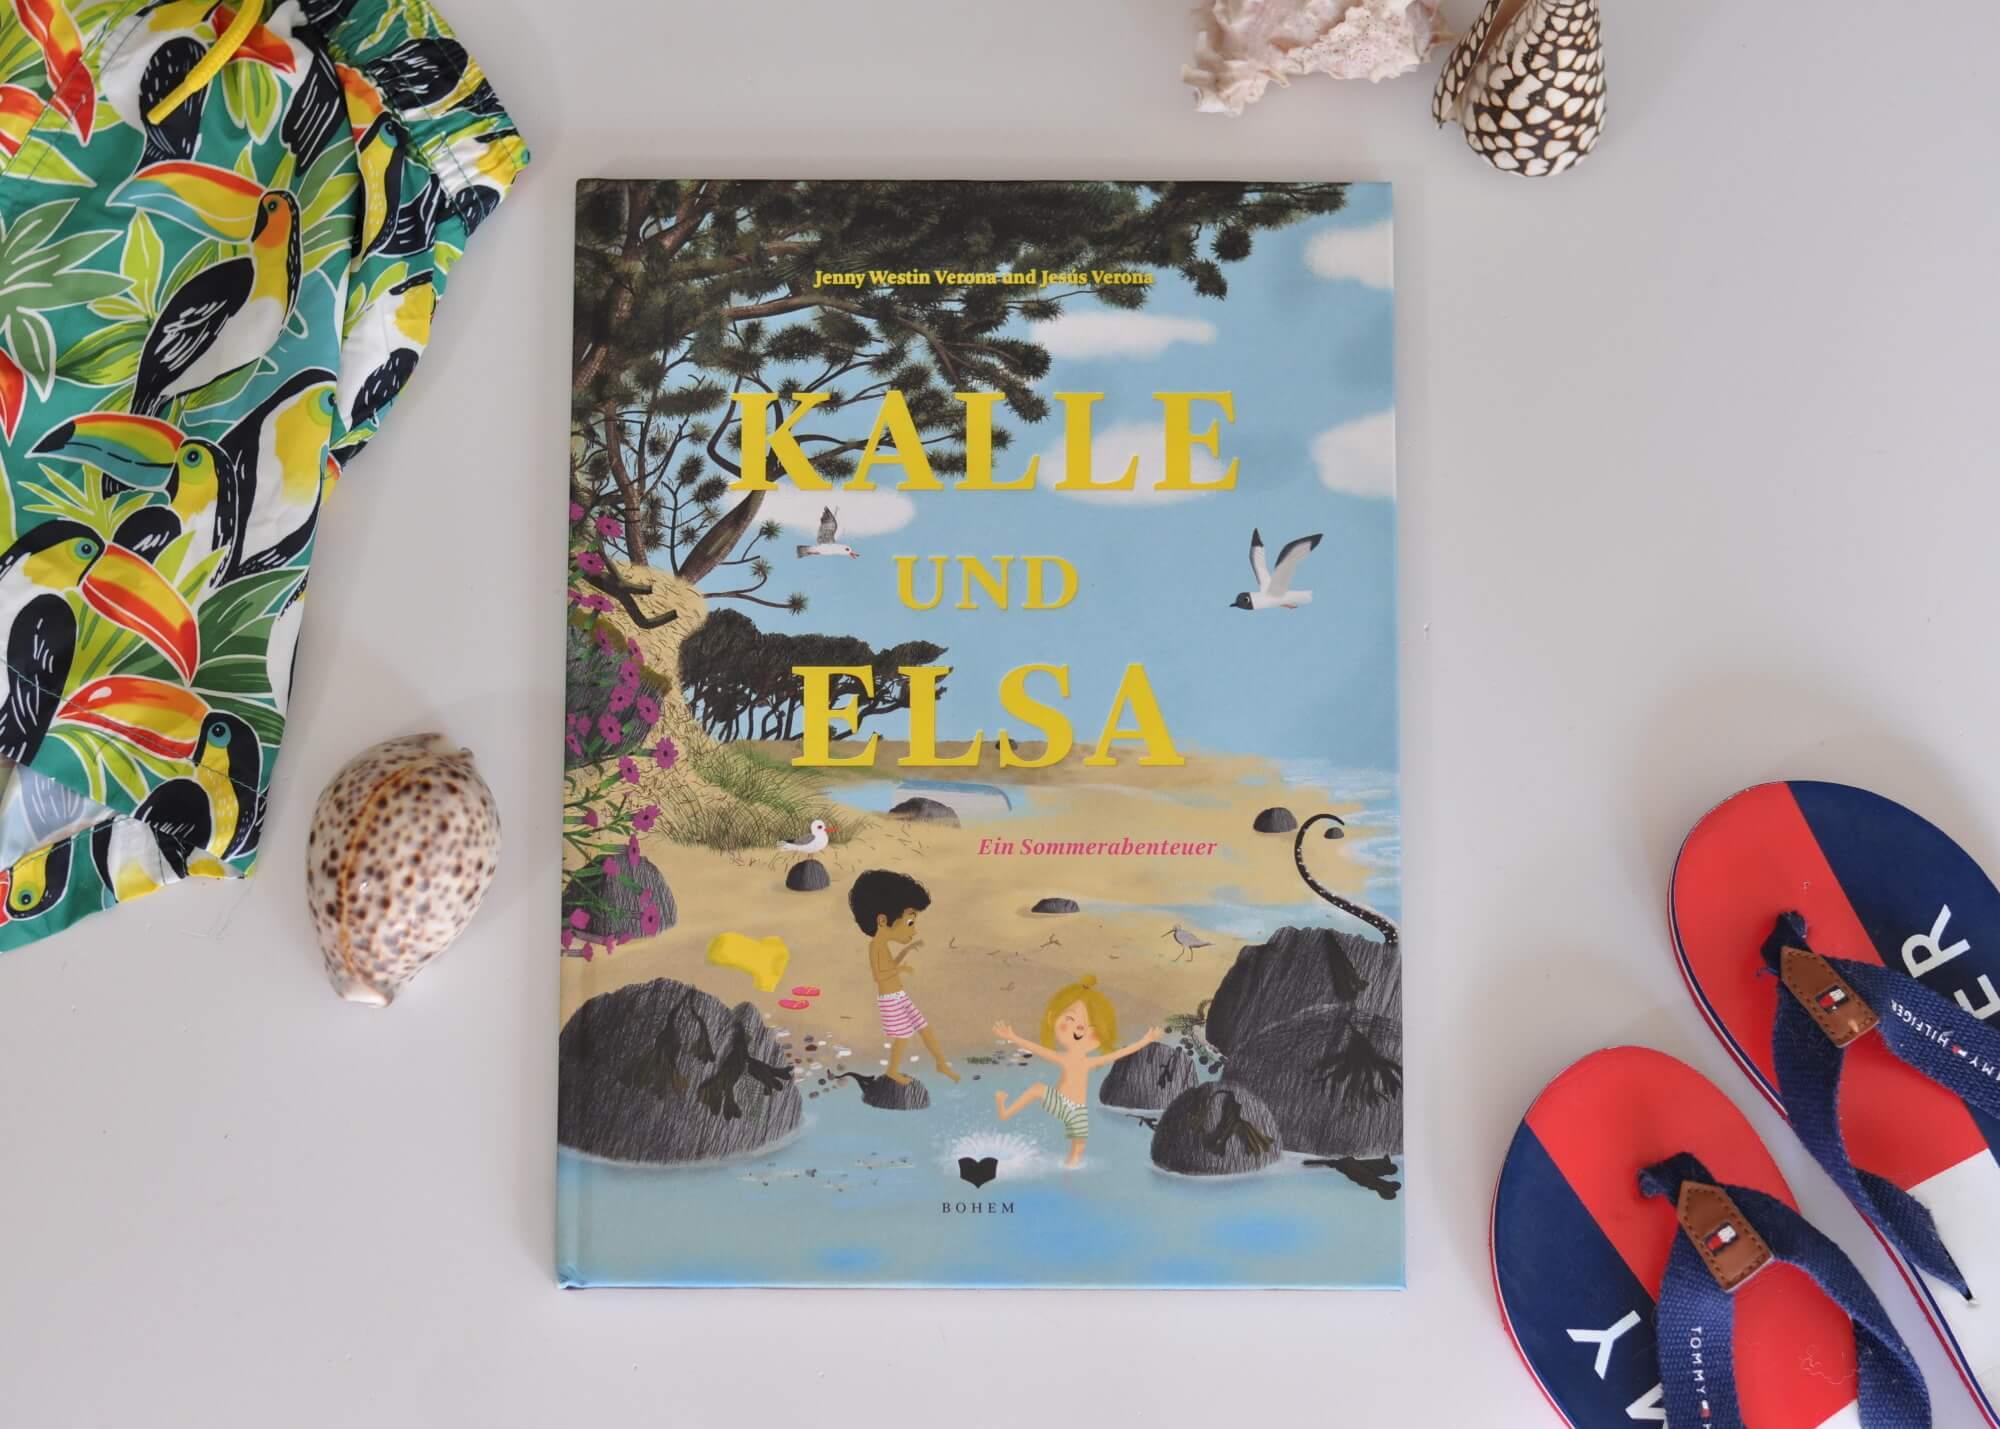 Elsa zeigt Kalle ihren Lieblingsstrand, an dem die beiden zusammen mit Elsas Eltern fahren. Sie haben zum Glück an alles gedacht: Den Delfin zum Aufblasen, den Sonnenschirm, Saft, Proviant und … das Allerwichtigste: Schaufeln! Kalle und Elsa buddeln zusammen eine Falle. Das Loch am Strand wird immer tiefer und größer, genauso wie das Abenteuer, das sich die beiden Freunde ausdenken. #sommer #bilderbuch #strand #meer #abenteuer #fantasie #klischeefrei #freundschaft #kinder #freunde